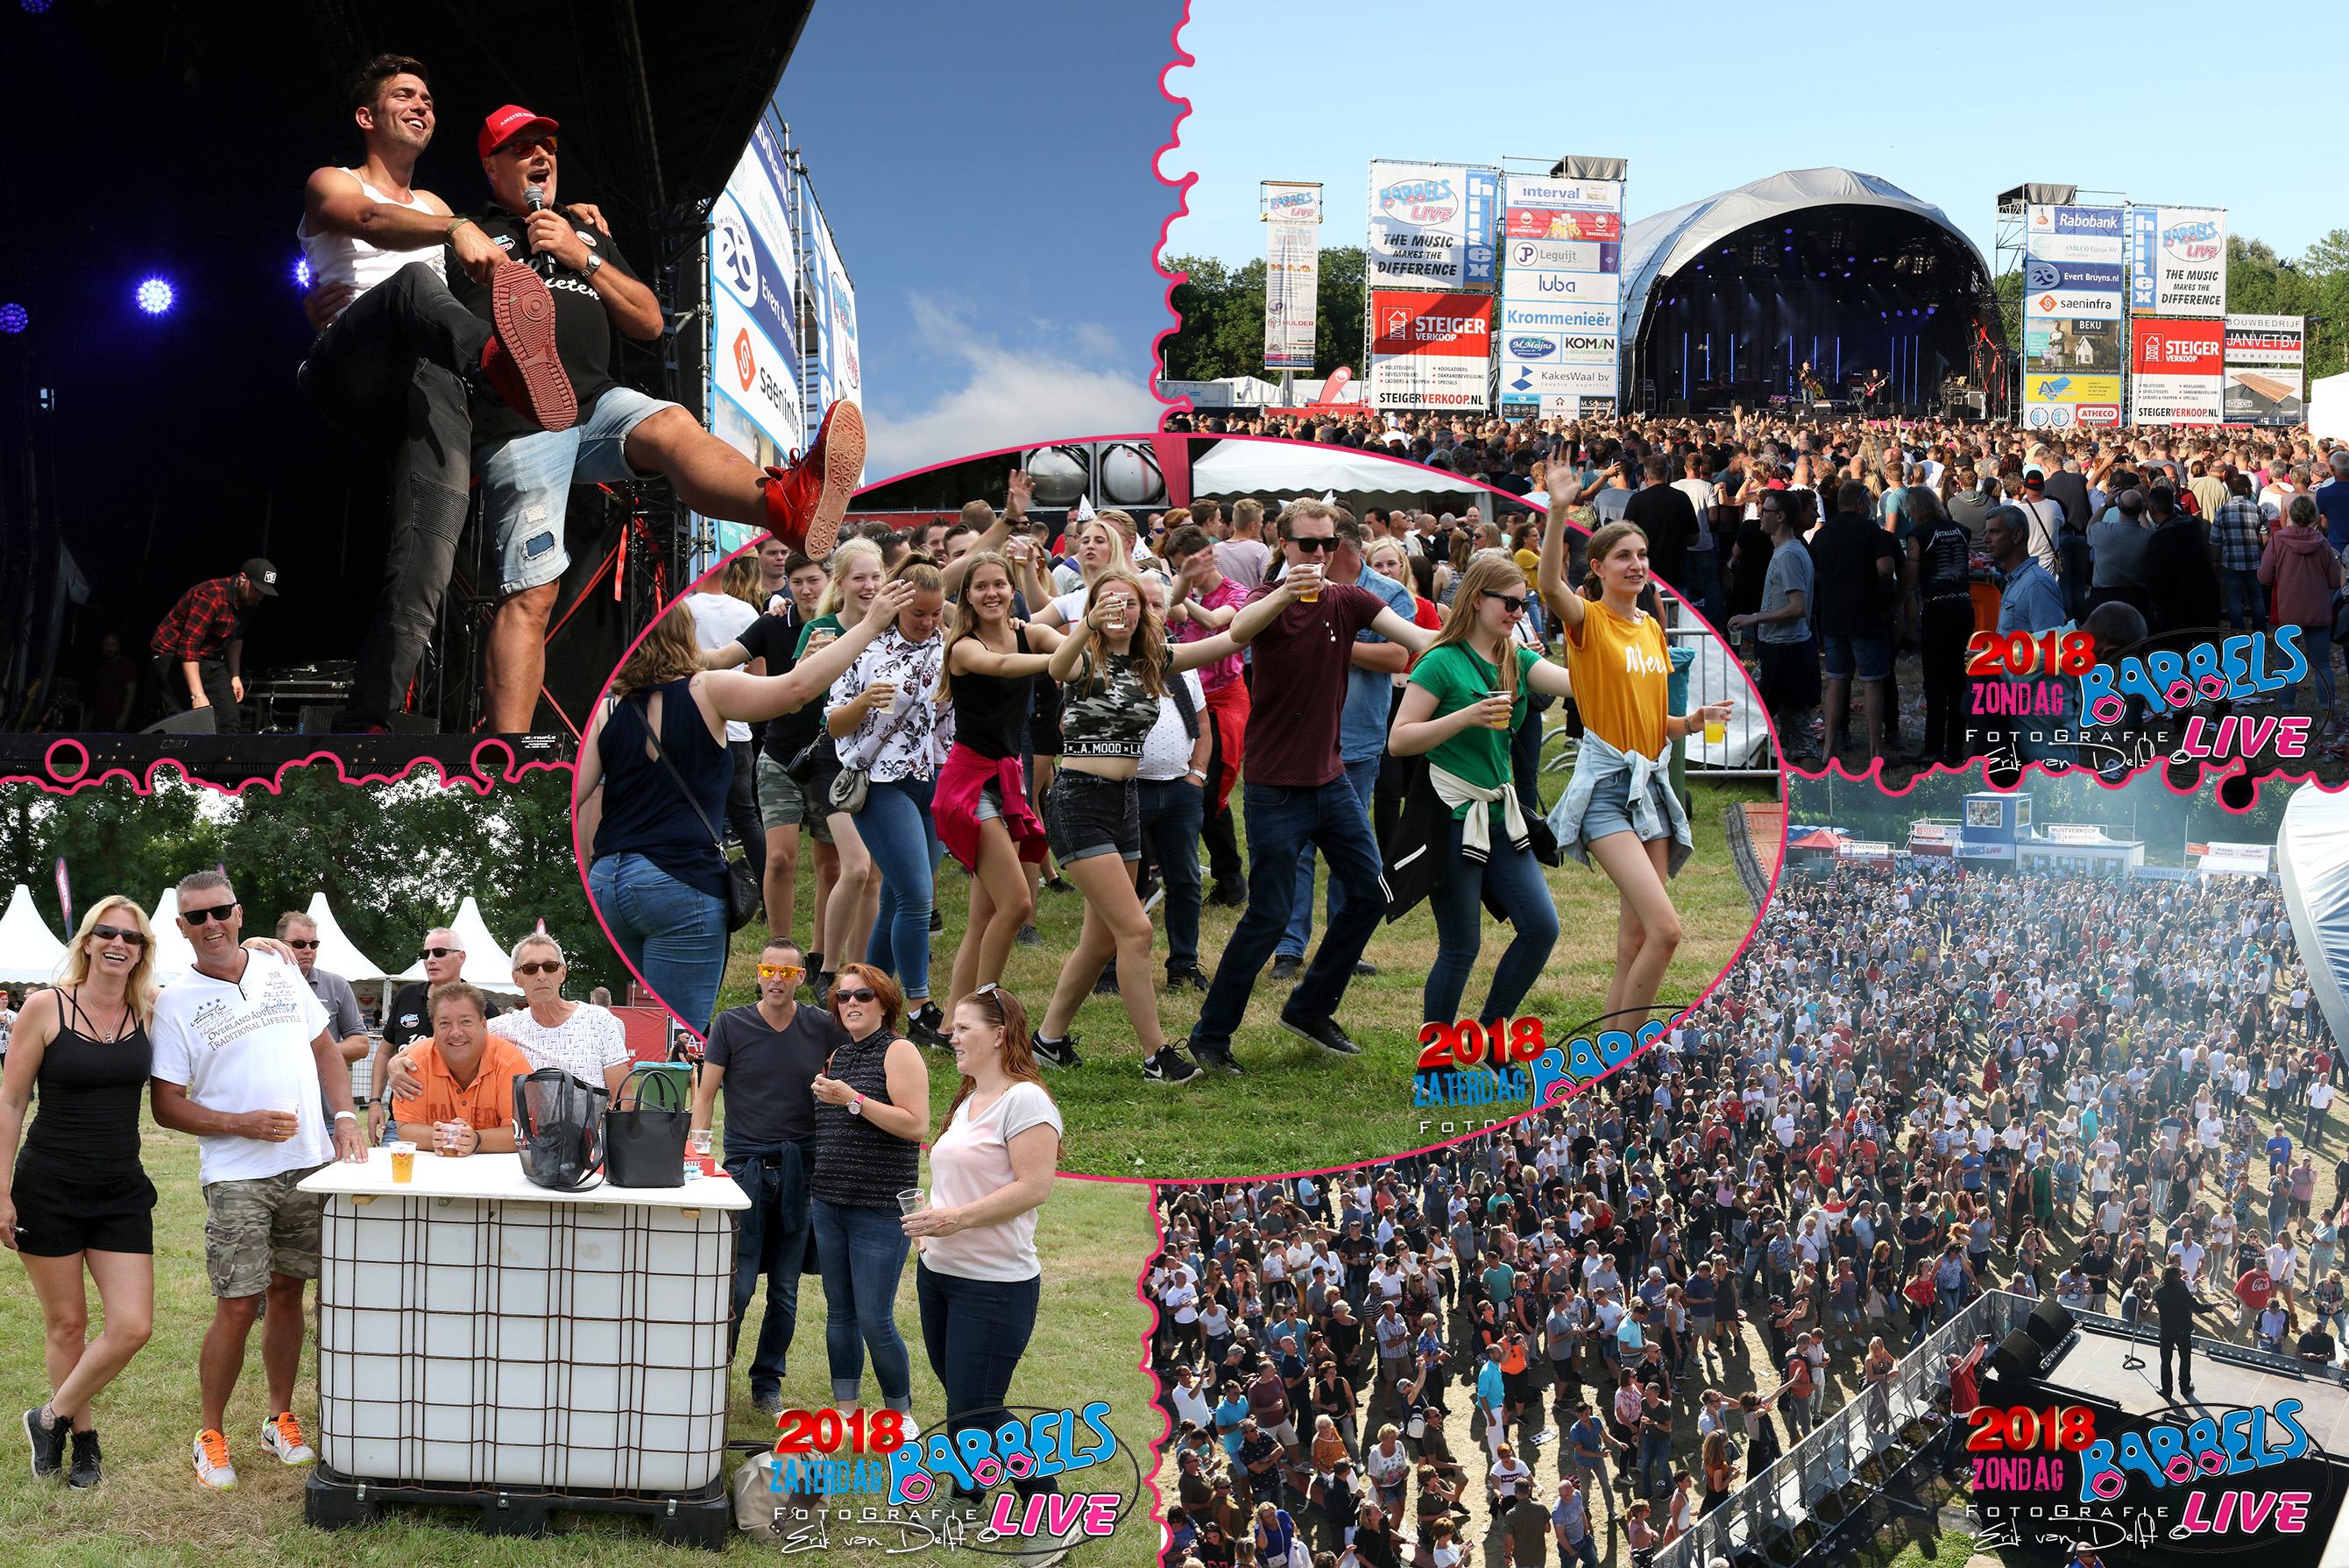 Sfeerimpressie van Babbels Live Festival 2018. Kijk voor alle originele beelden op www.zaan.nl (Foto's: Erik van Delft/ Fotobewerking: BA/RM)